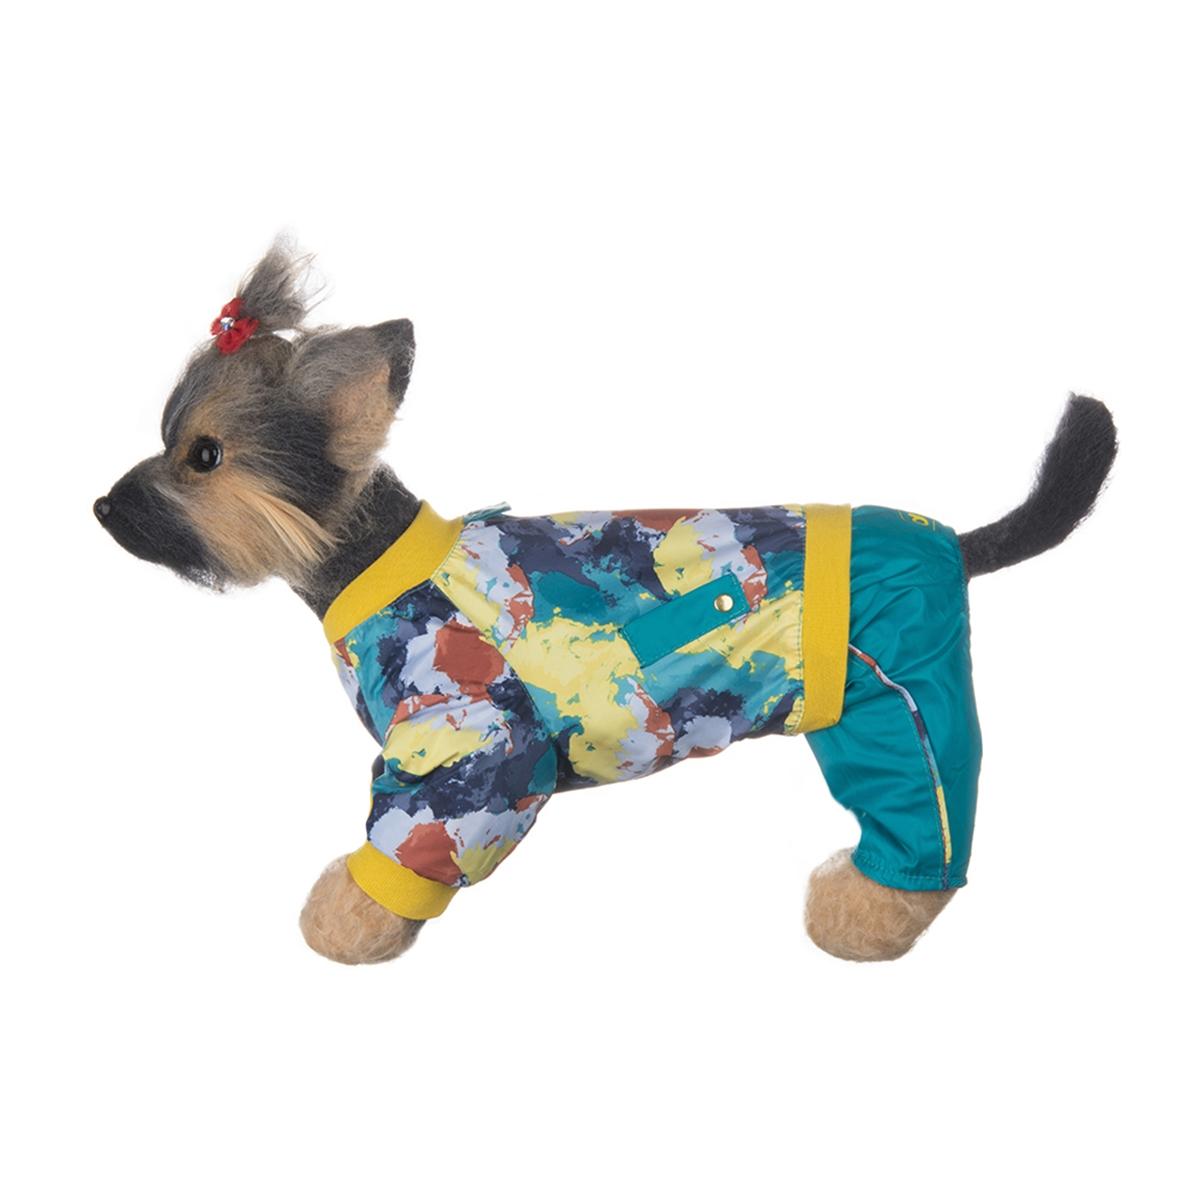 Комбинезон для собак Dogmoda  Акварель , для мальчика, цвет: морской волны, желтый. Размер 2 (M) - Одежда, обувь, украшения